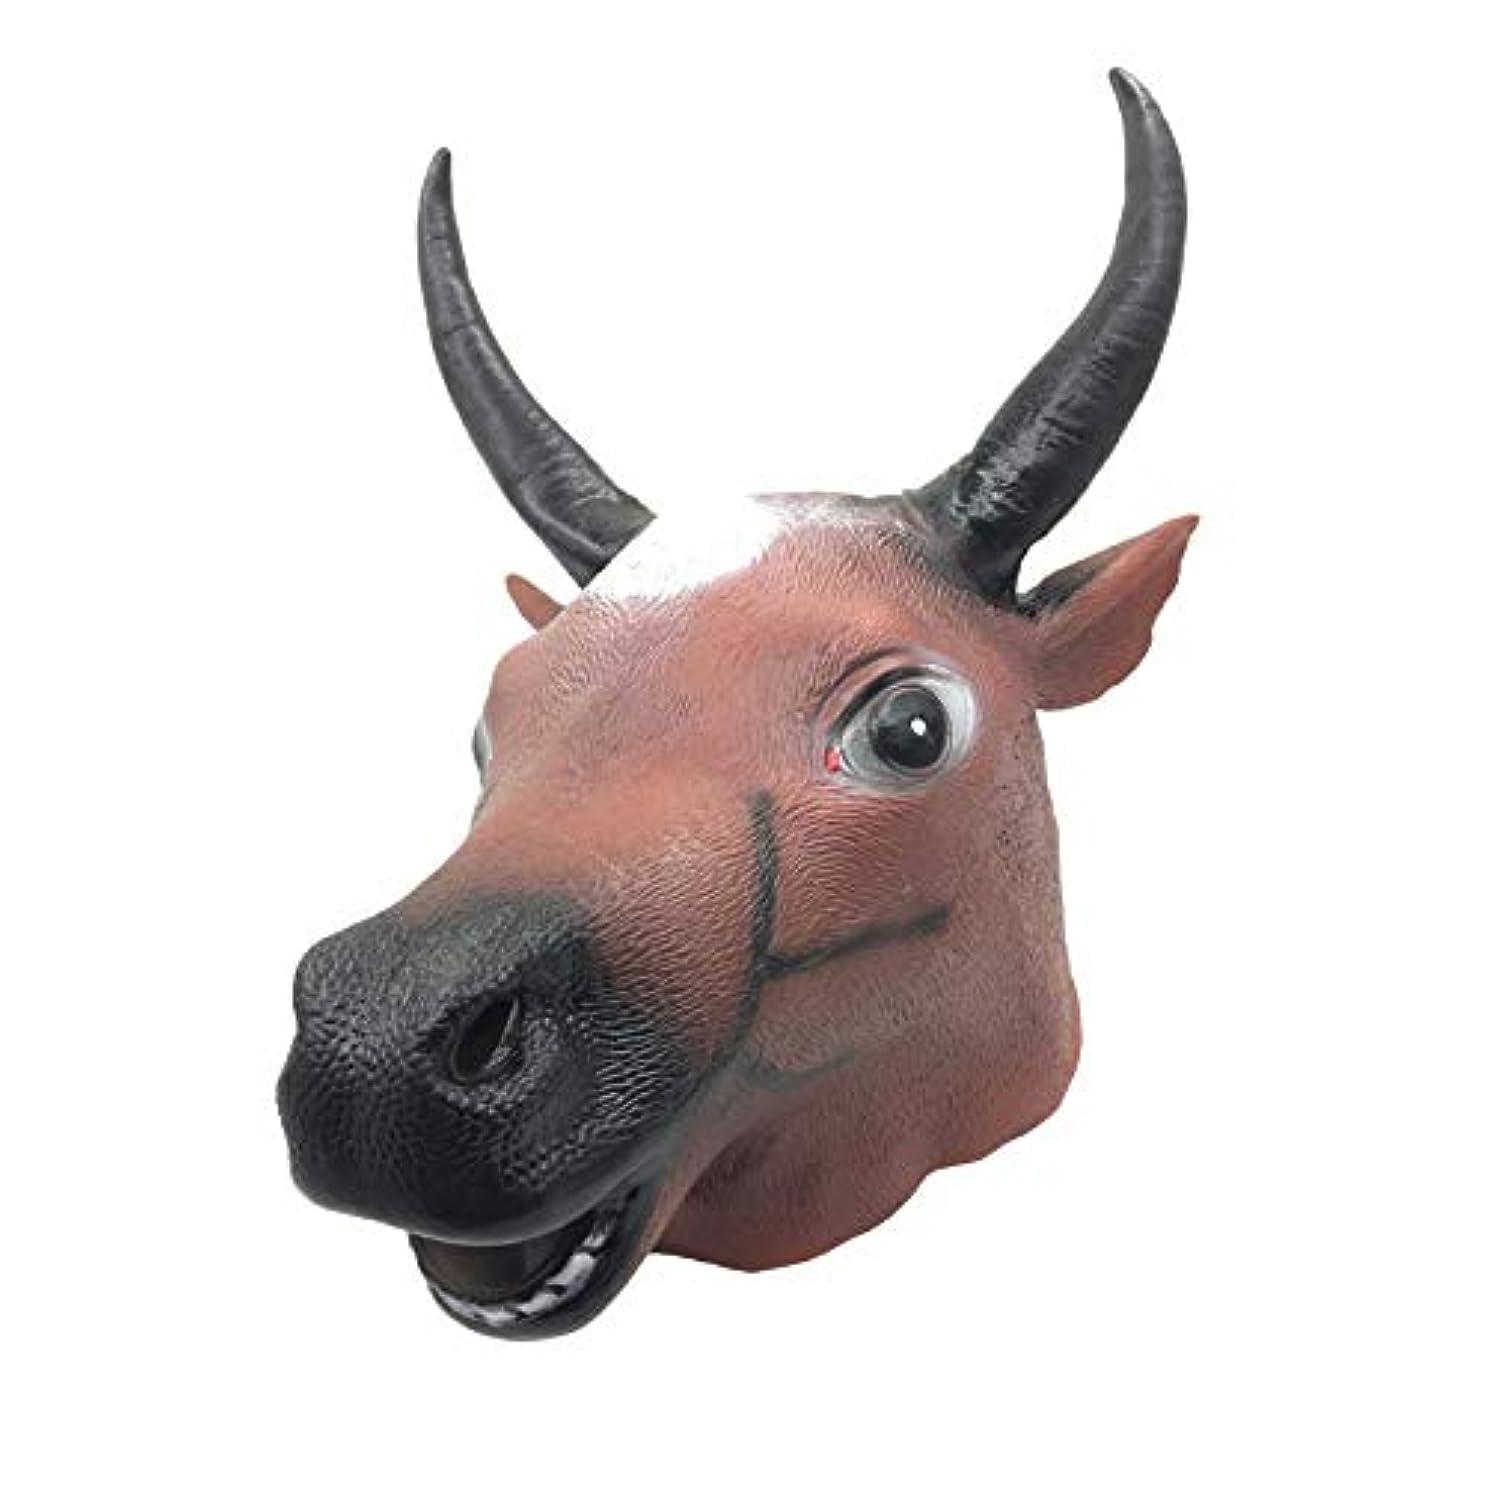 知的早い遊びますハロウィーンパフォーマンスショー小道具マスク動物ヘッドカバー牛頭馬顔牛頭マスク馬頭マスク